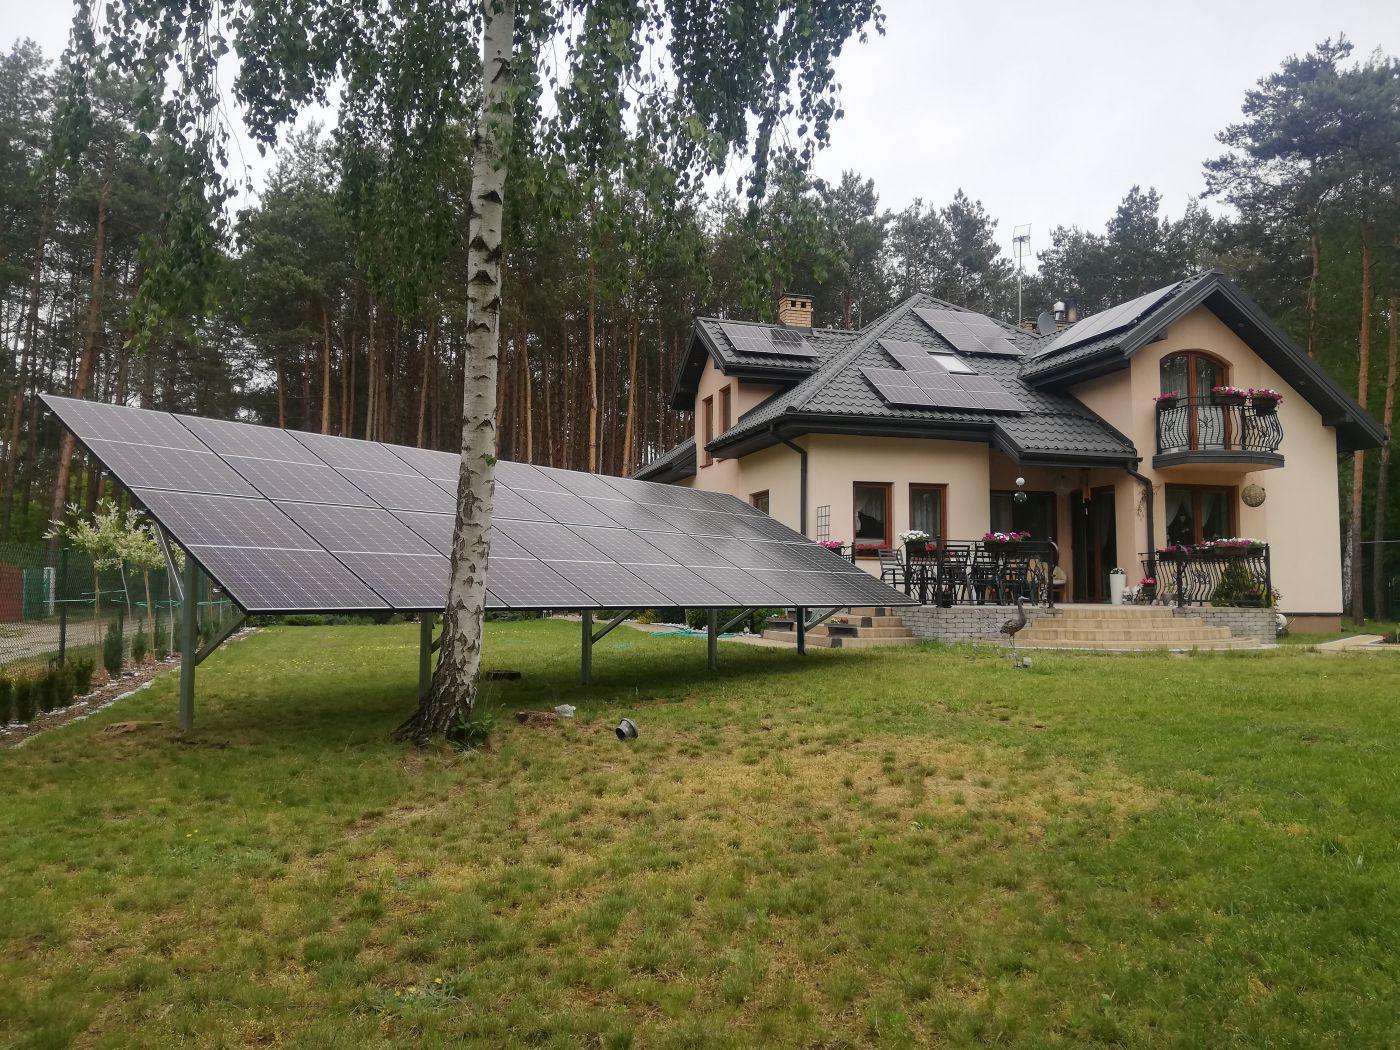 Panele fotowoltaiczne dla domku jednorodzinnego- Otwarta Energia